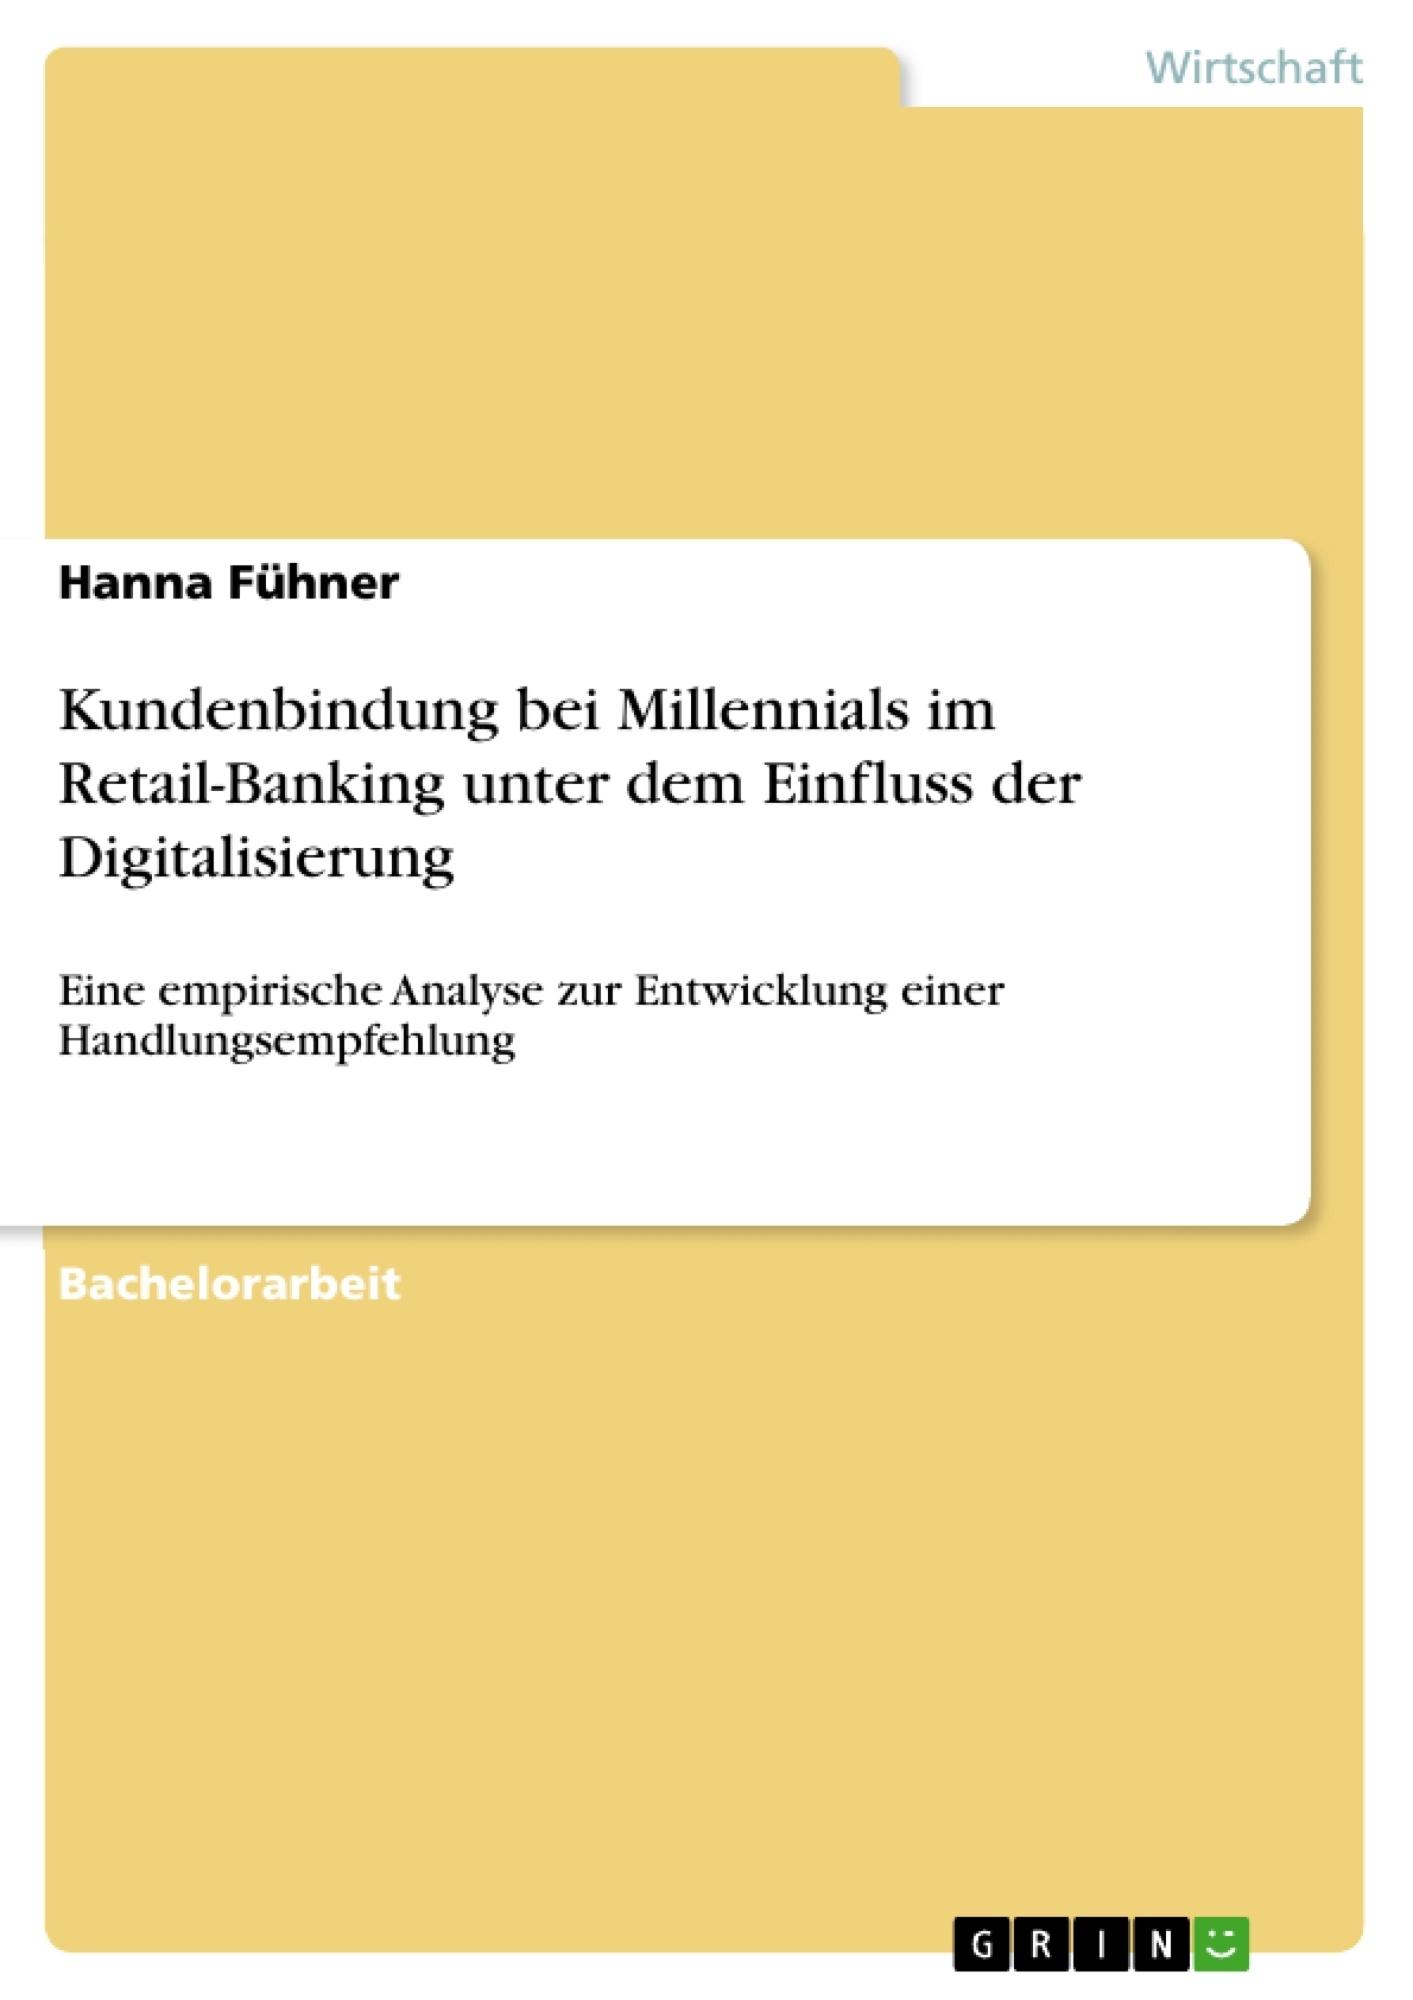 Titel: Kundenbindung bei Millennials im Retail-Banking unter dem Einfluss der Digitalisierung